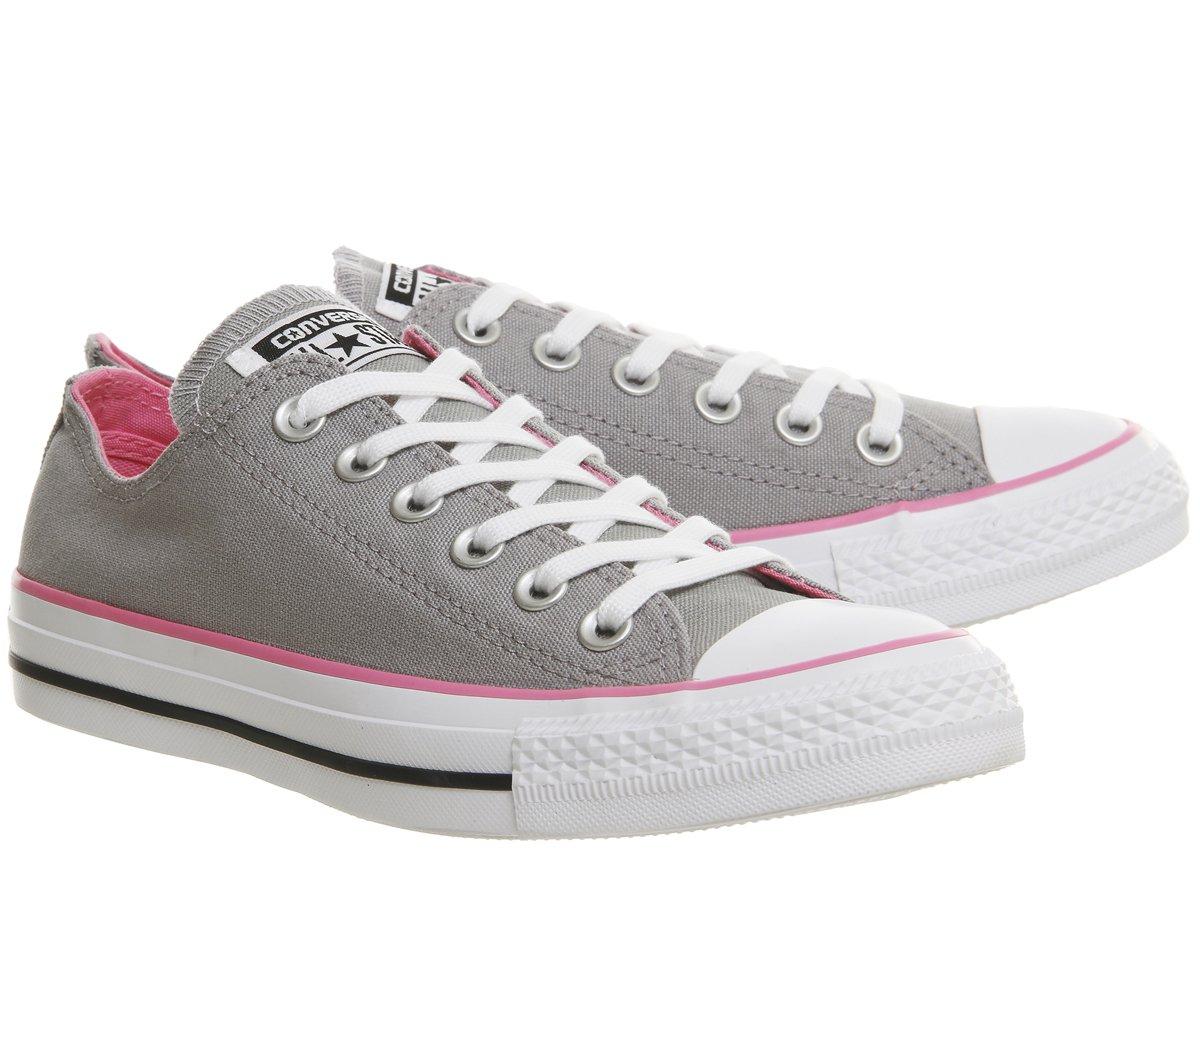 Converse OX Damen Schuh Chuck Taylor OX Converse Schlangenhautmuster Silber/weiß Grau/Rosa 1e5bac